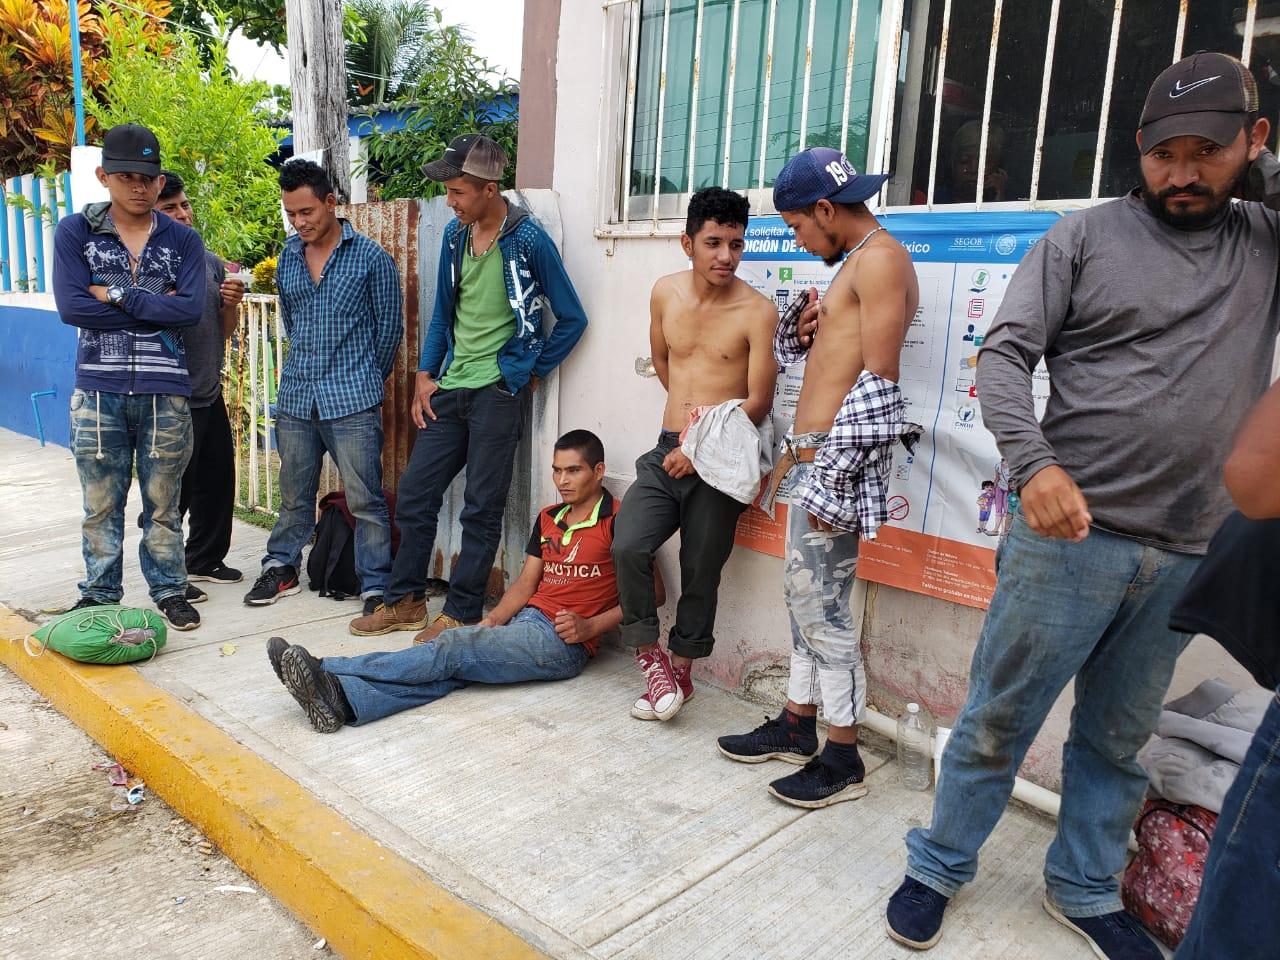 Aumenta temor de migrantes tras secuestro de familia hondureña